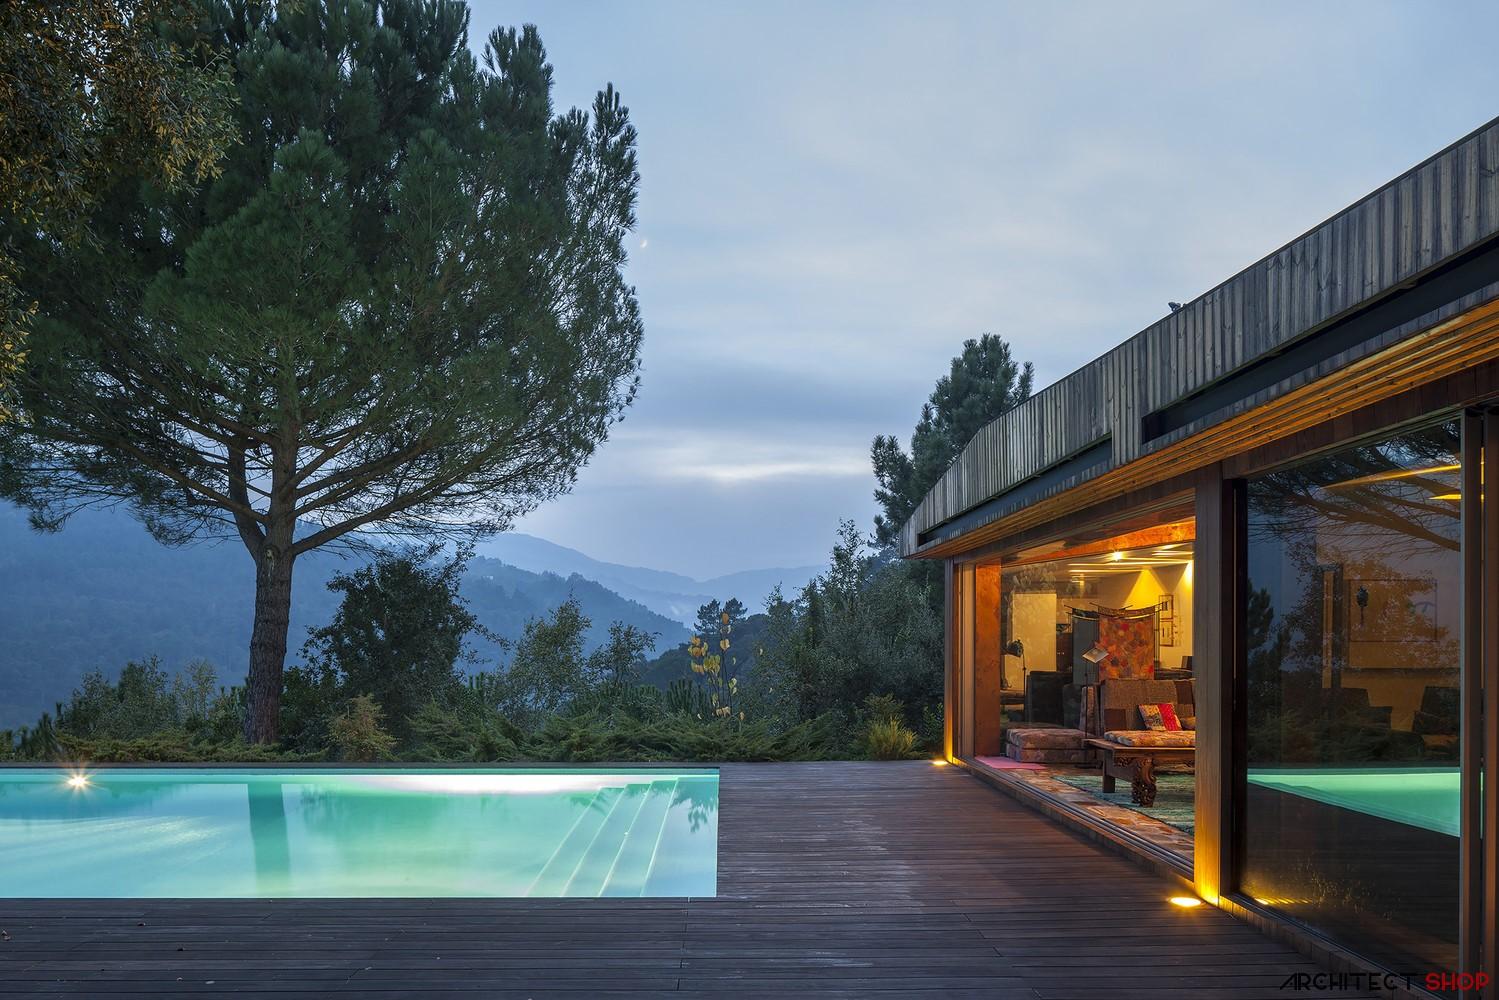 طراحی ویلا ی مدرن در پرتغال - House in Douro Valley 1 1